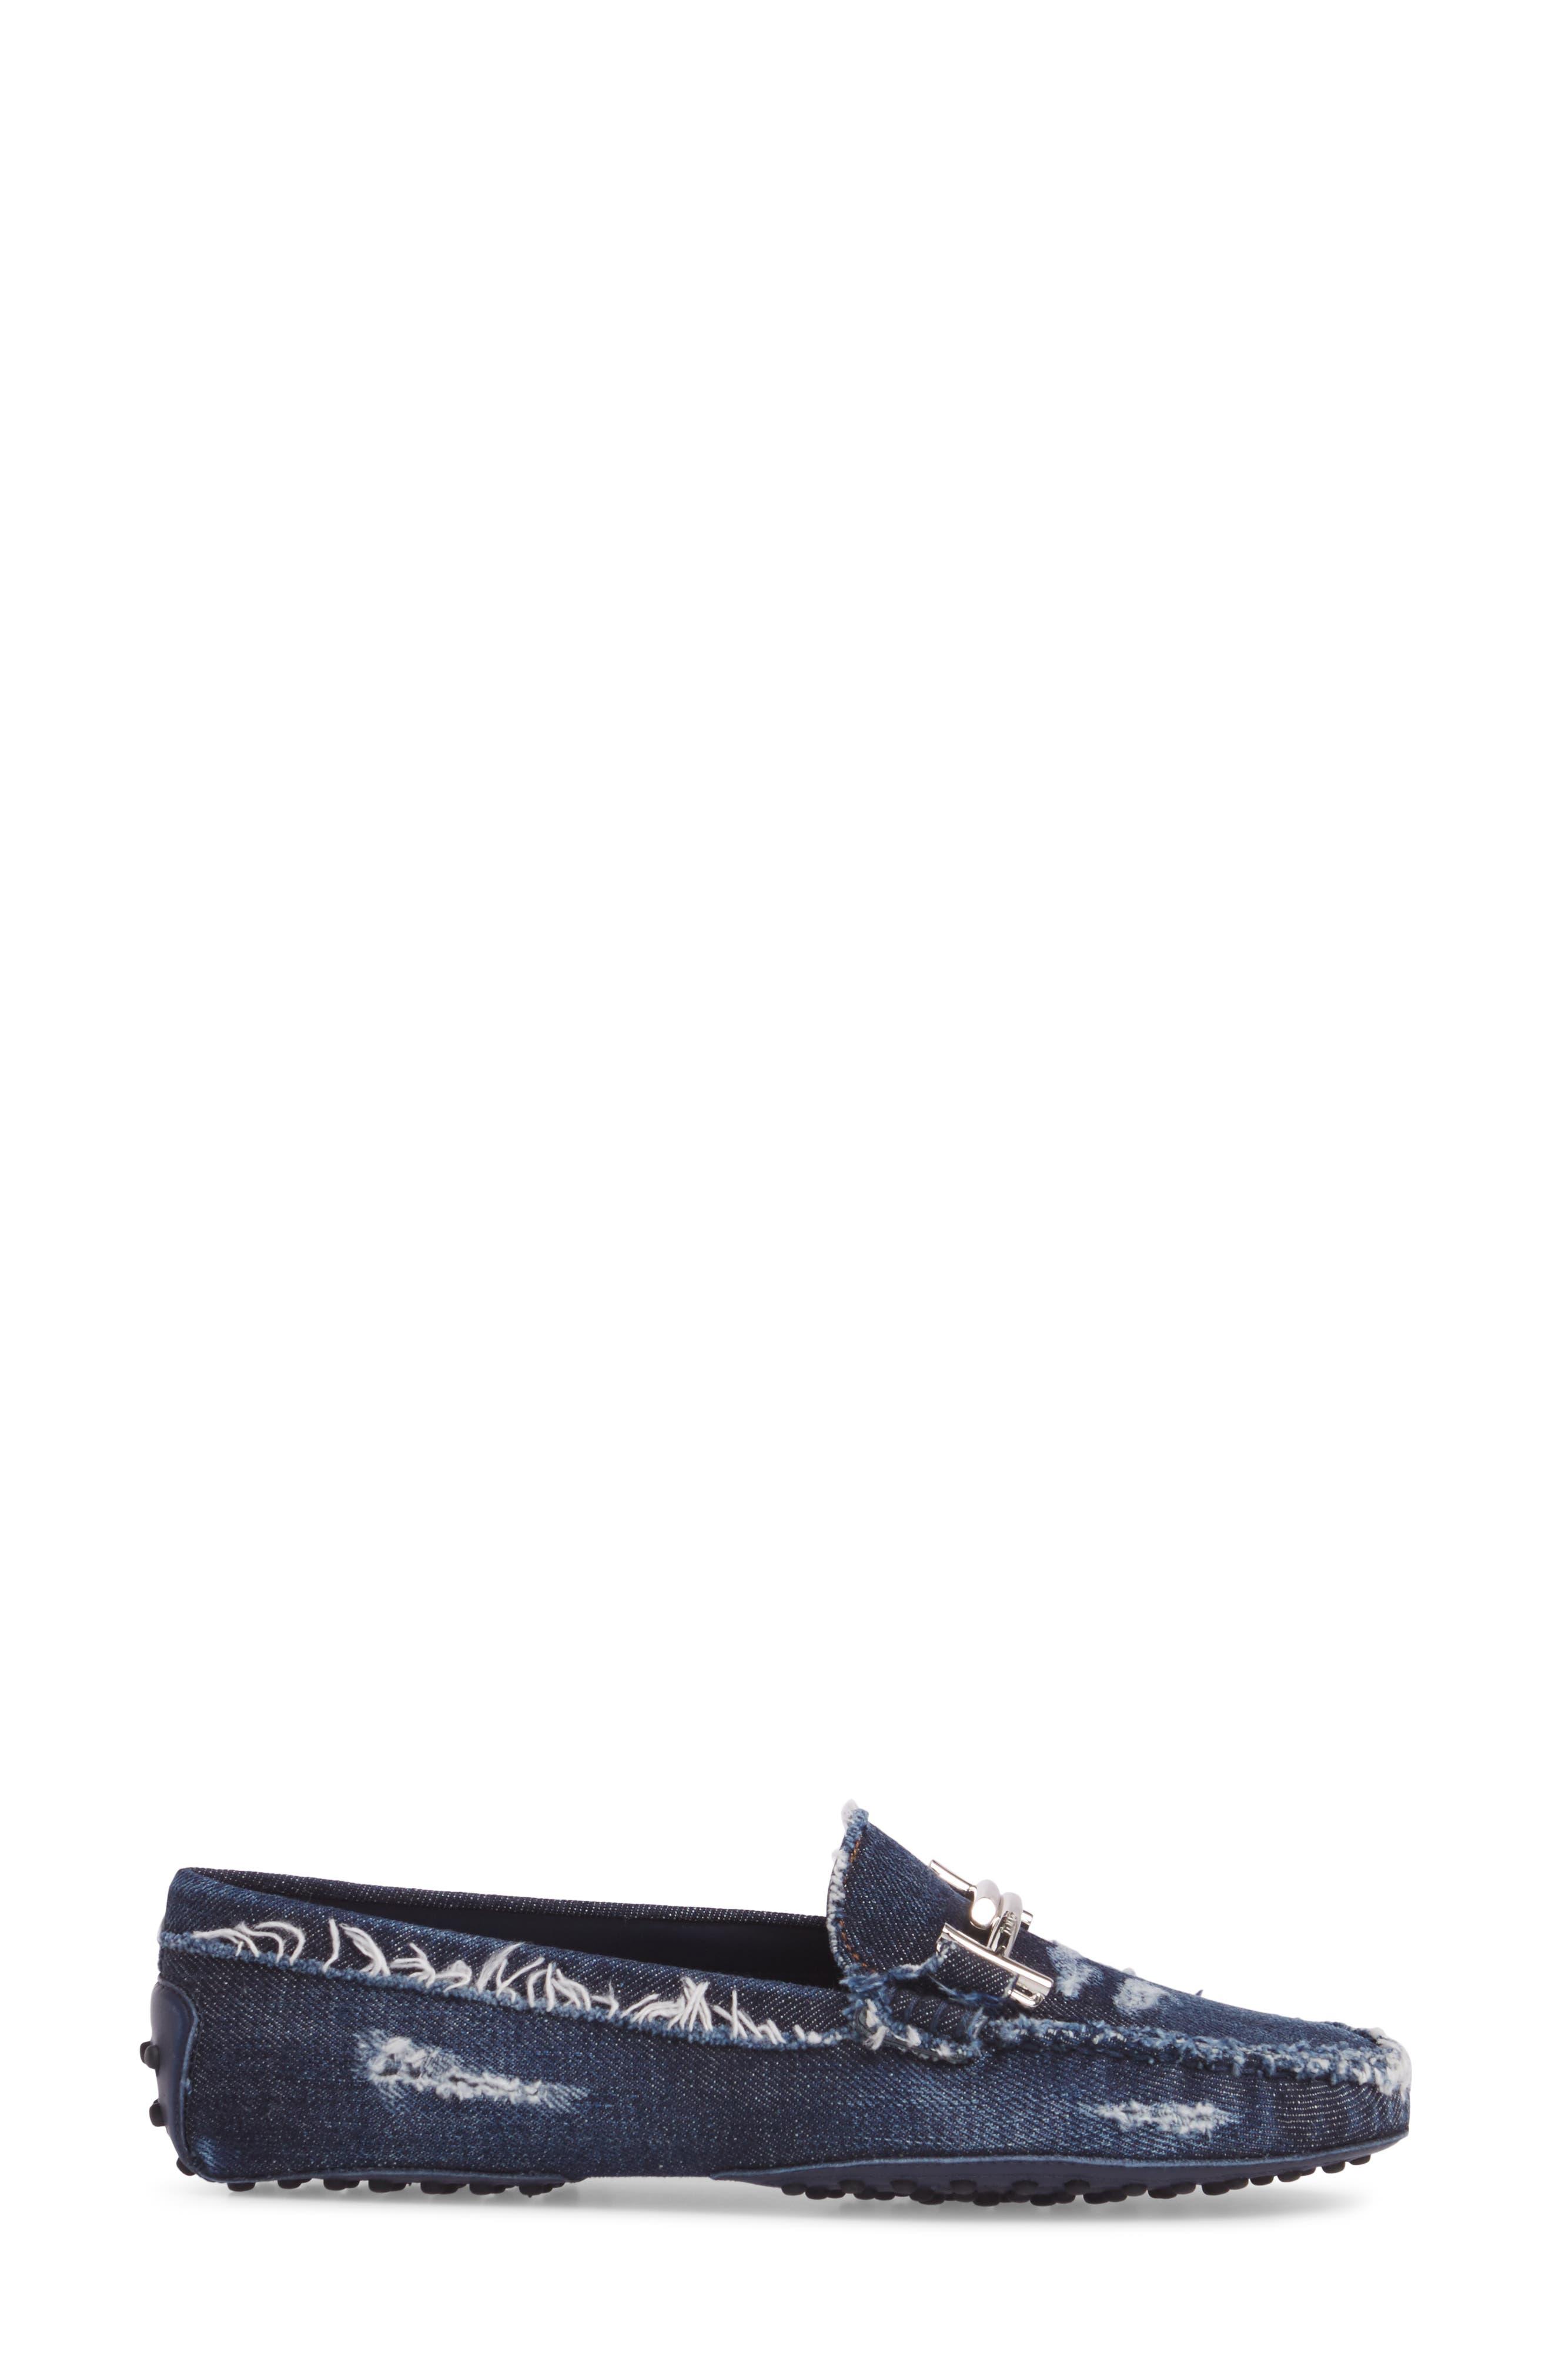 Gommino Double T Loafer,                             Alternate thumbnail 3, color,                             Denim Blue